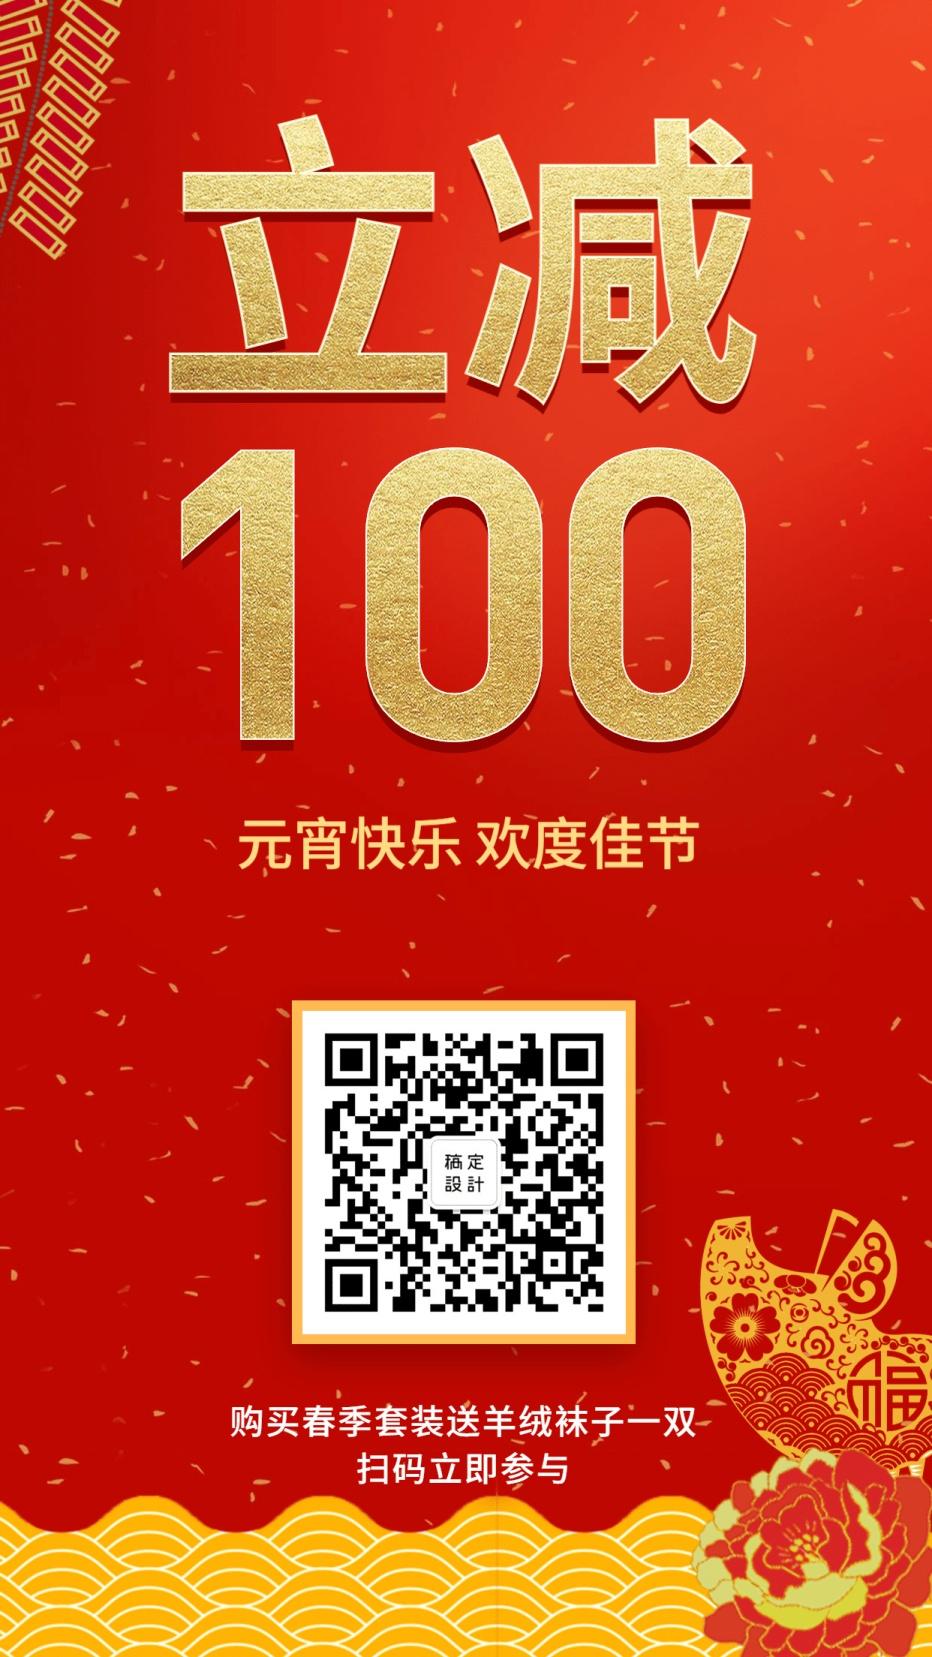 立减100元宵节促销手机海报